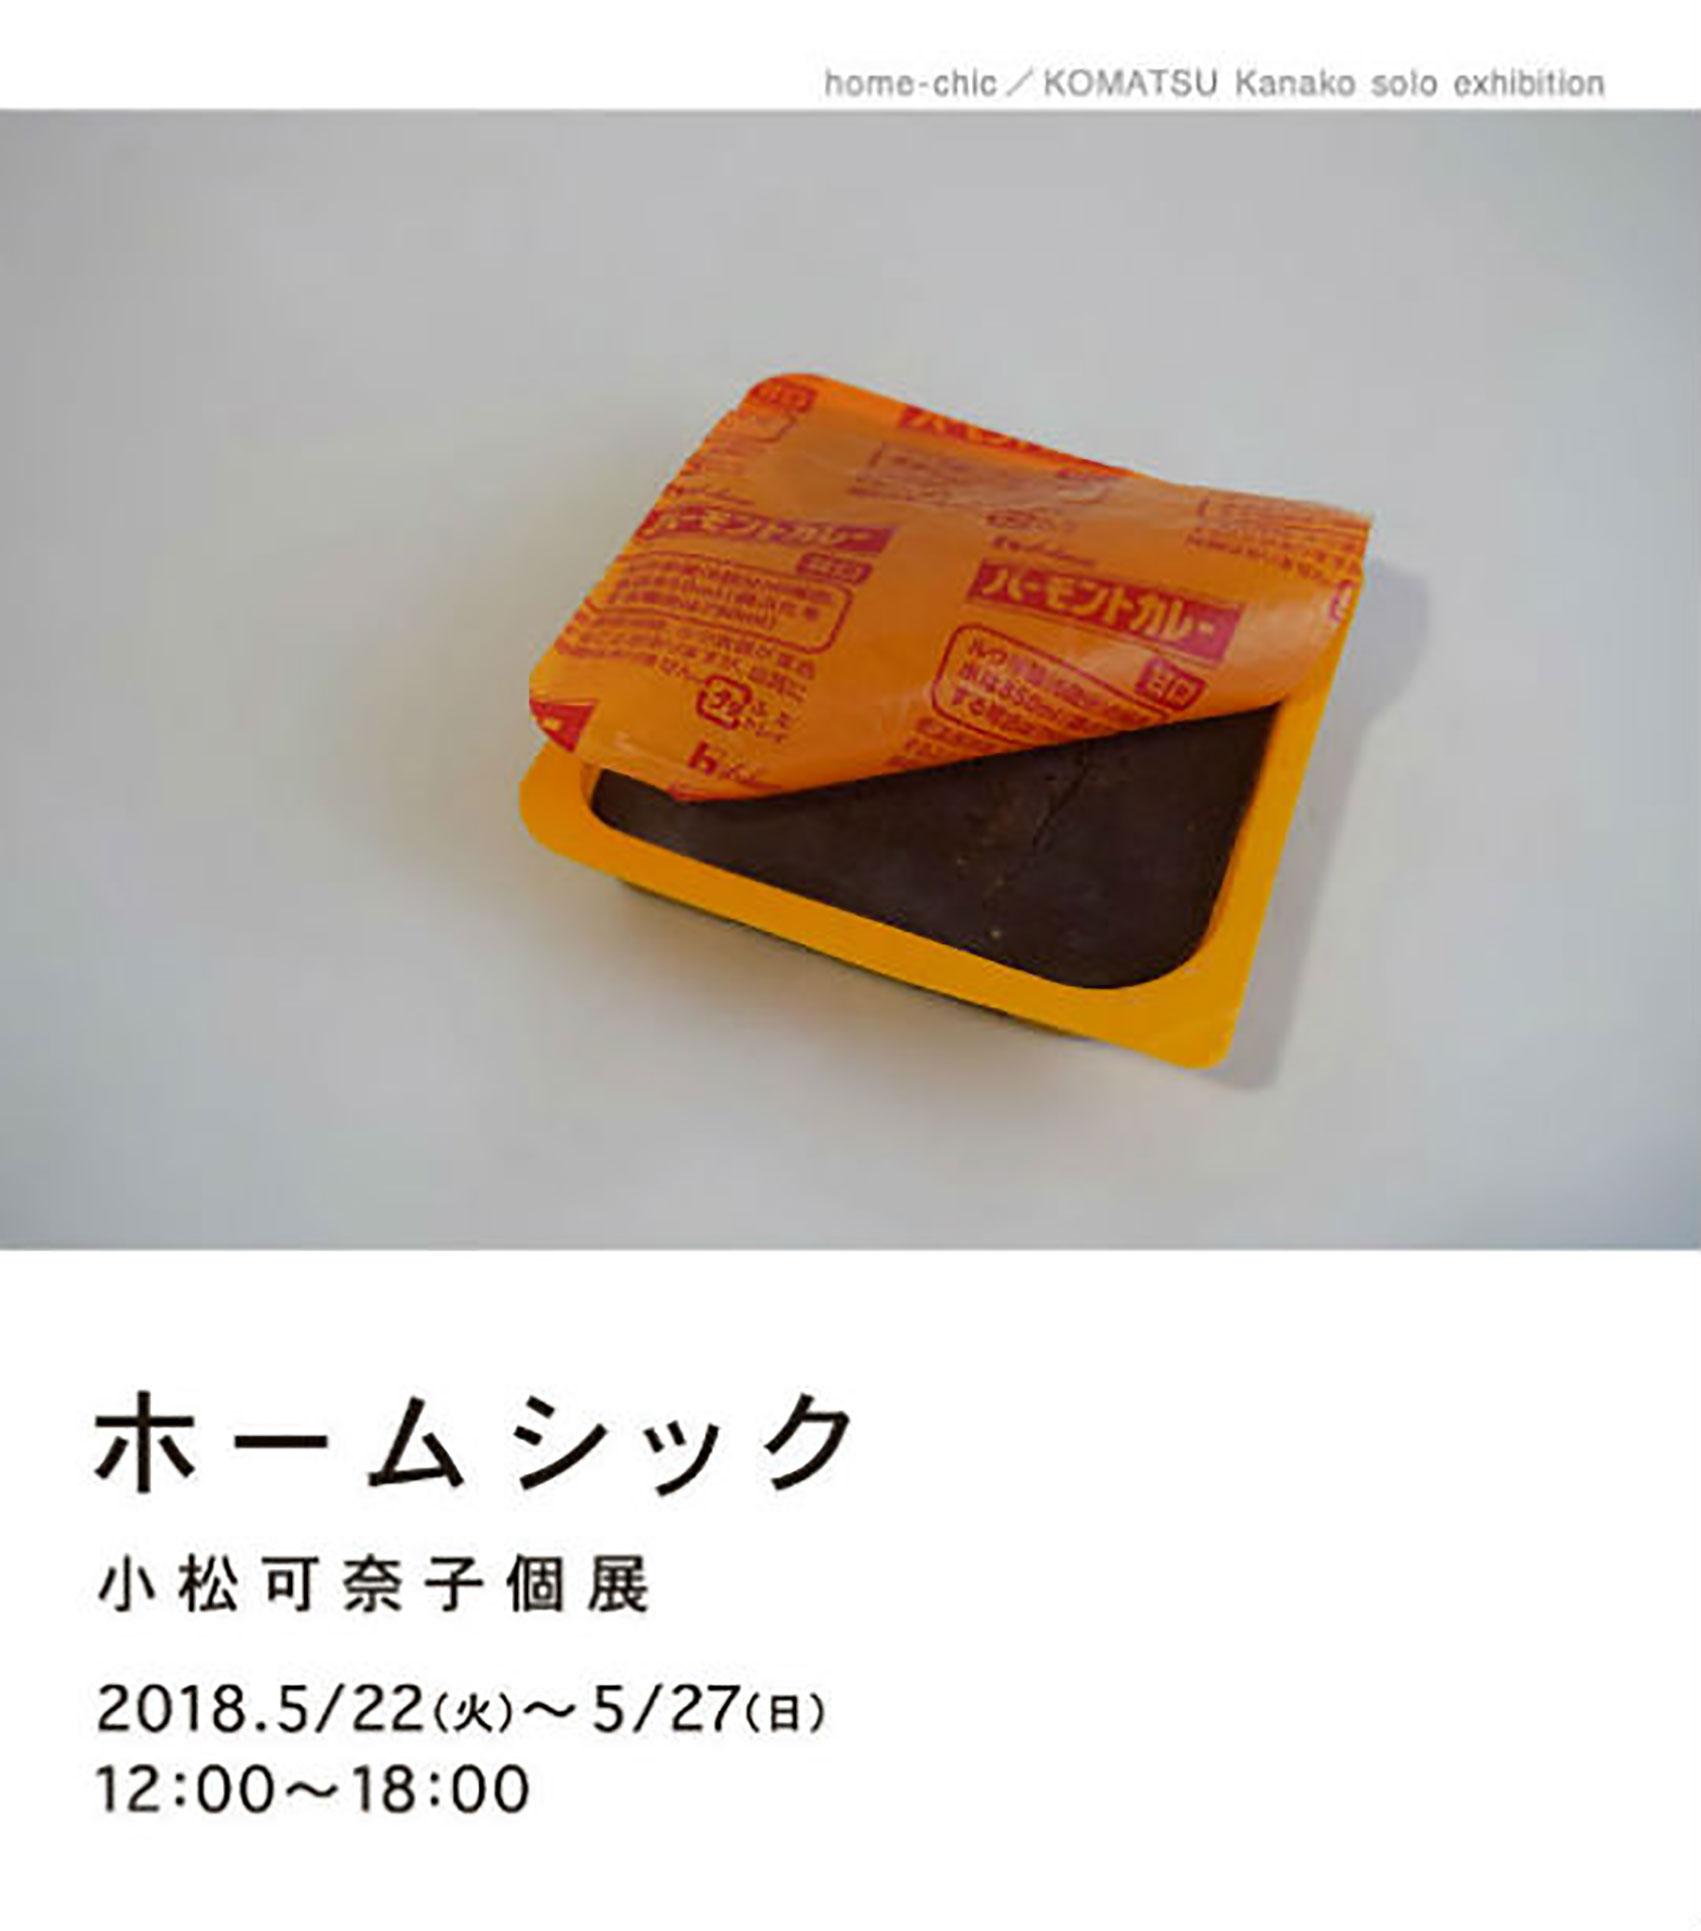 小松可奈子「ホームシック」 home-chic